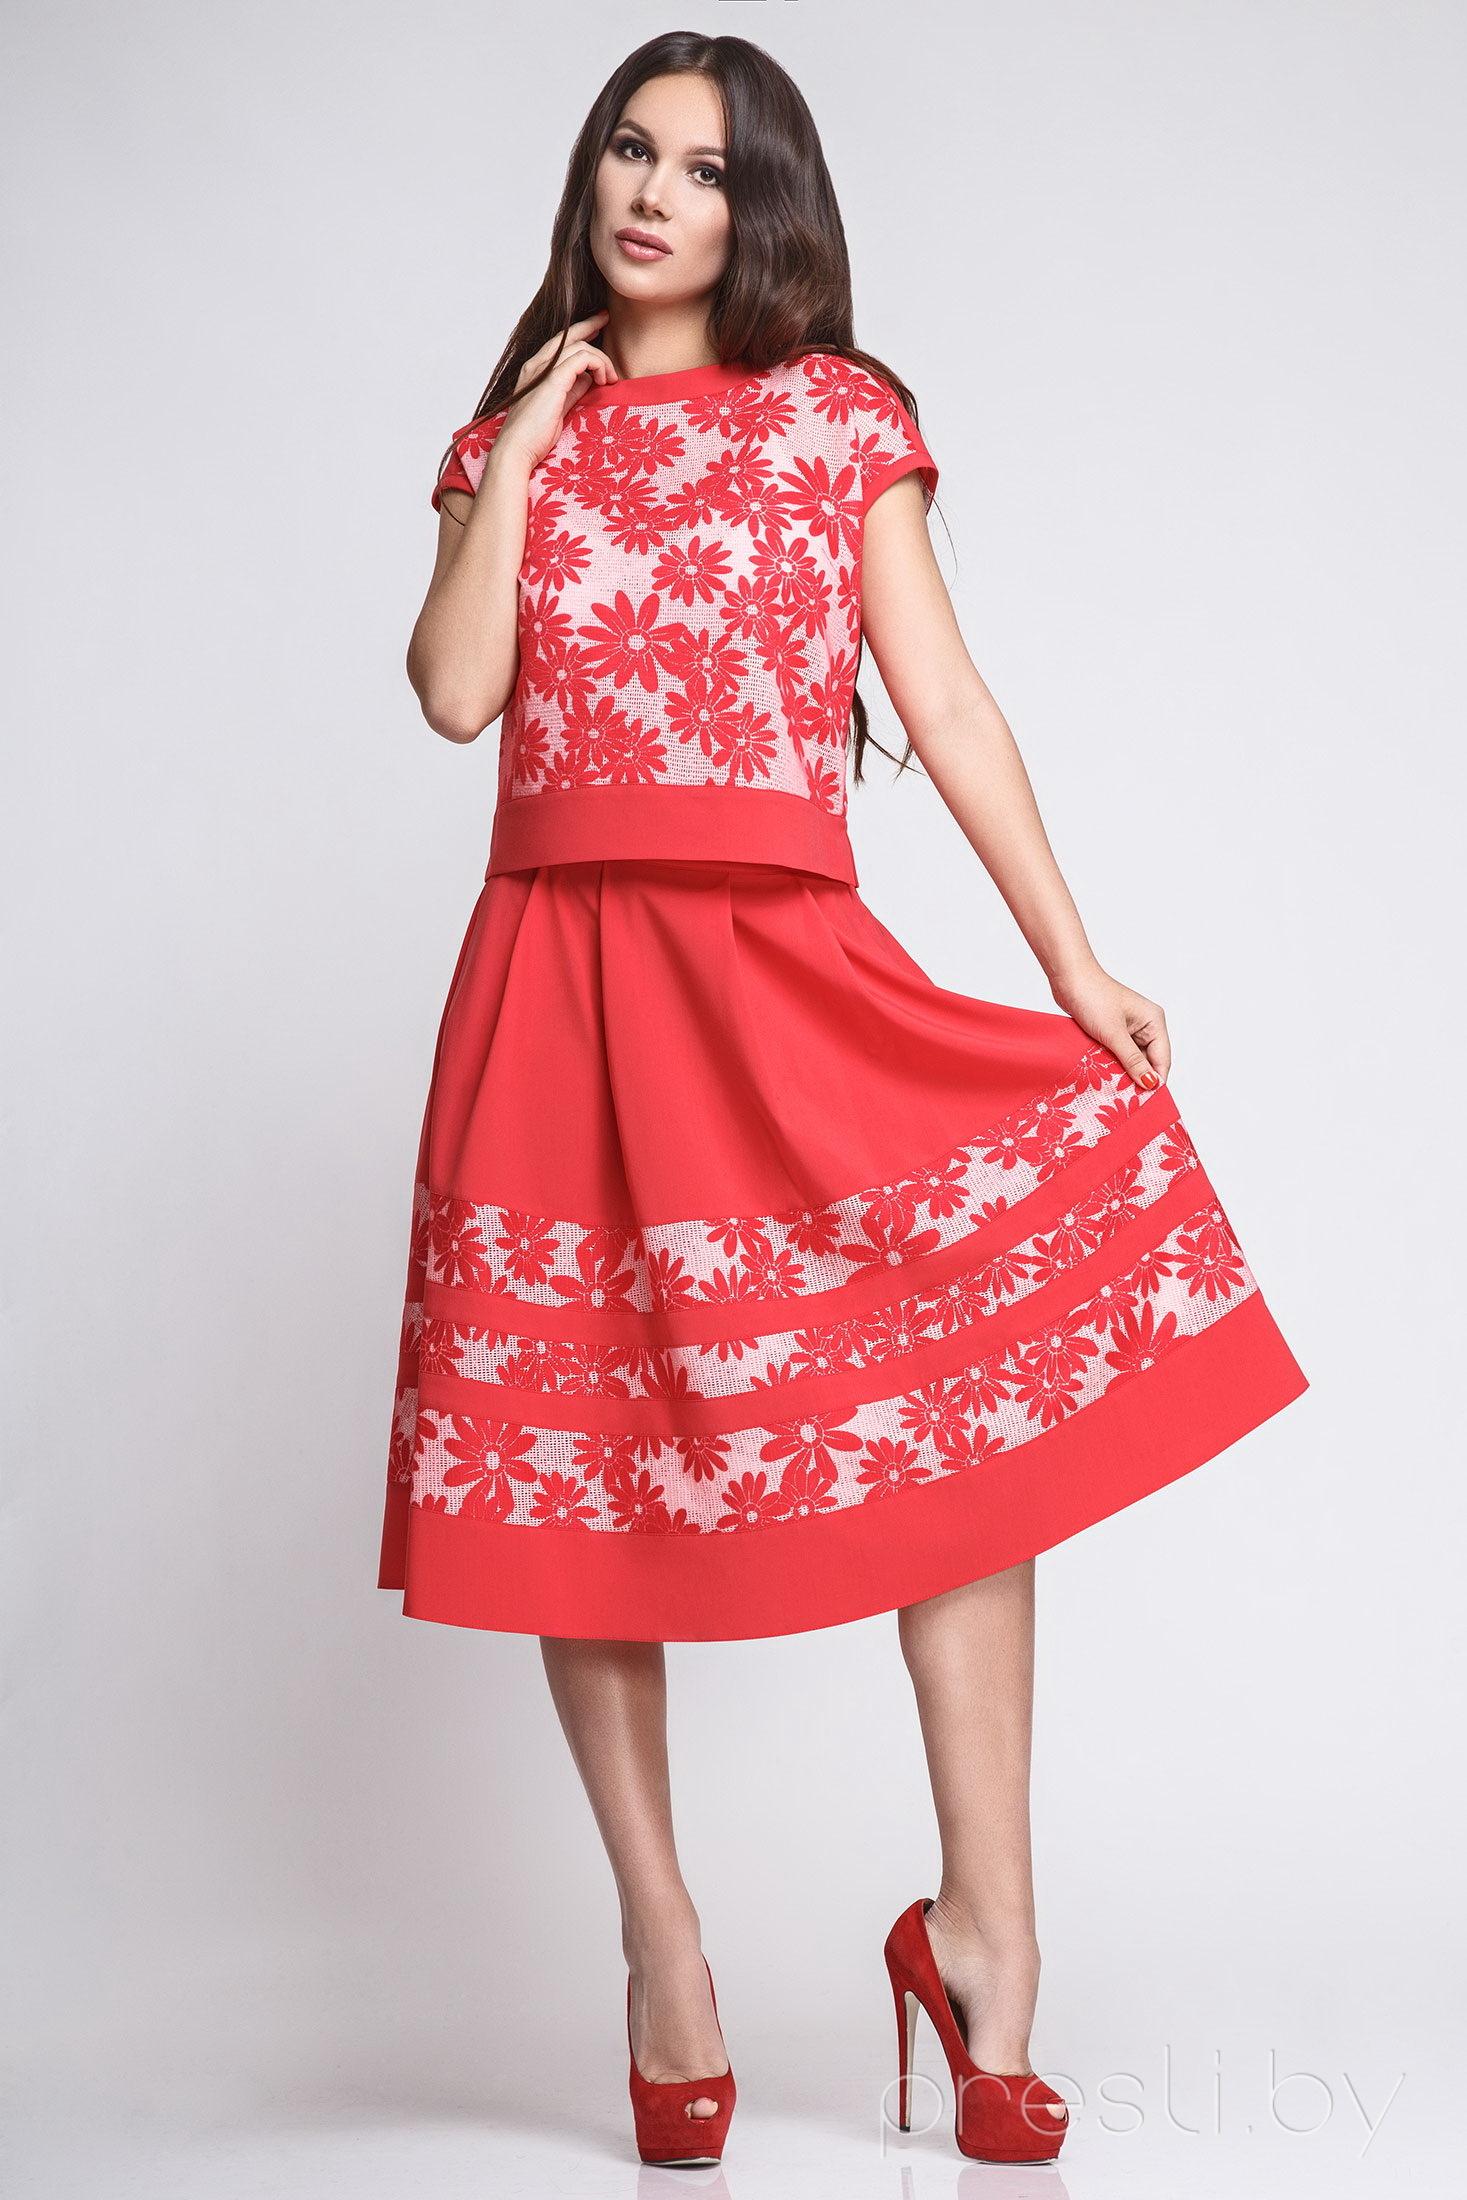 Комплект юбочный Teffi style 1199 красный